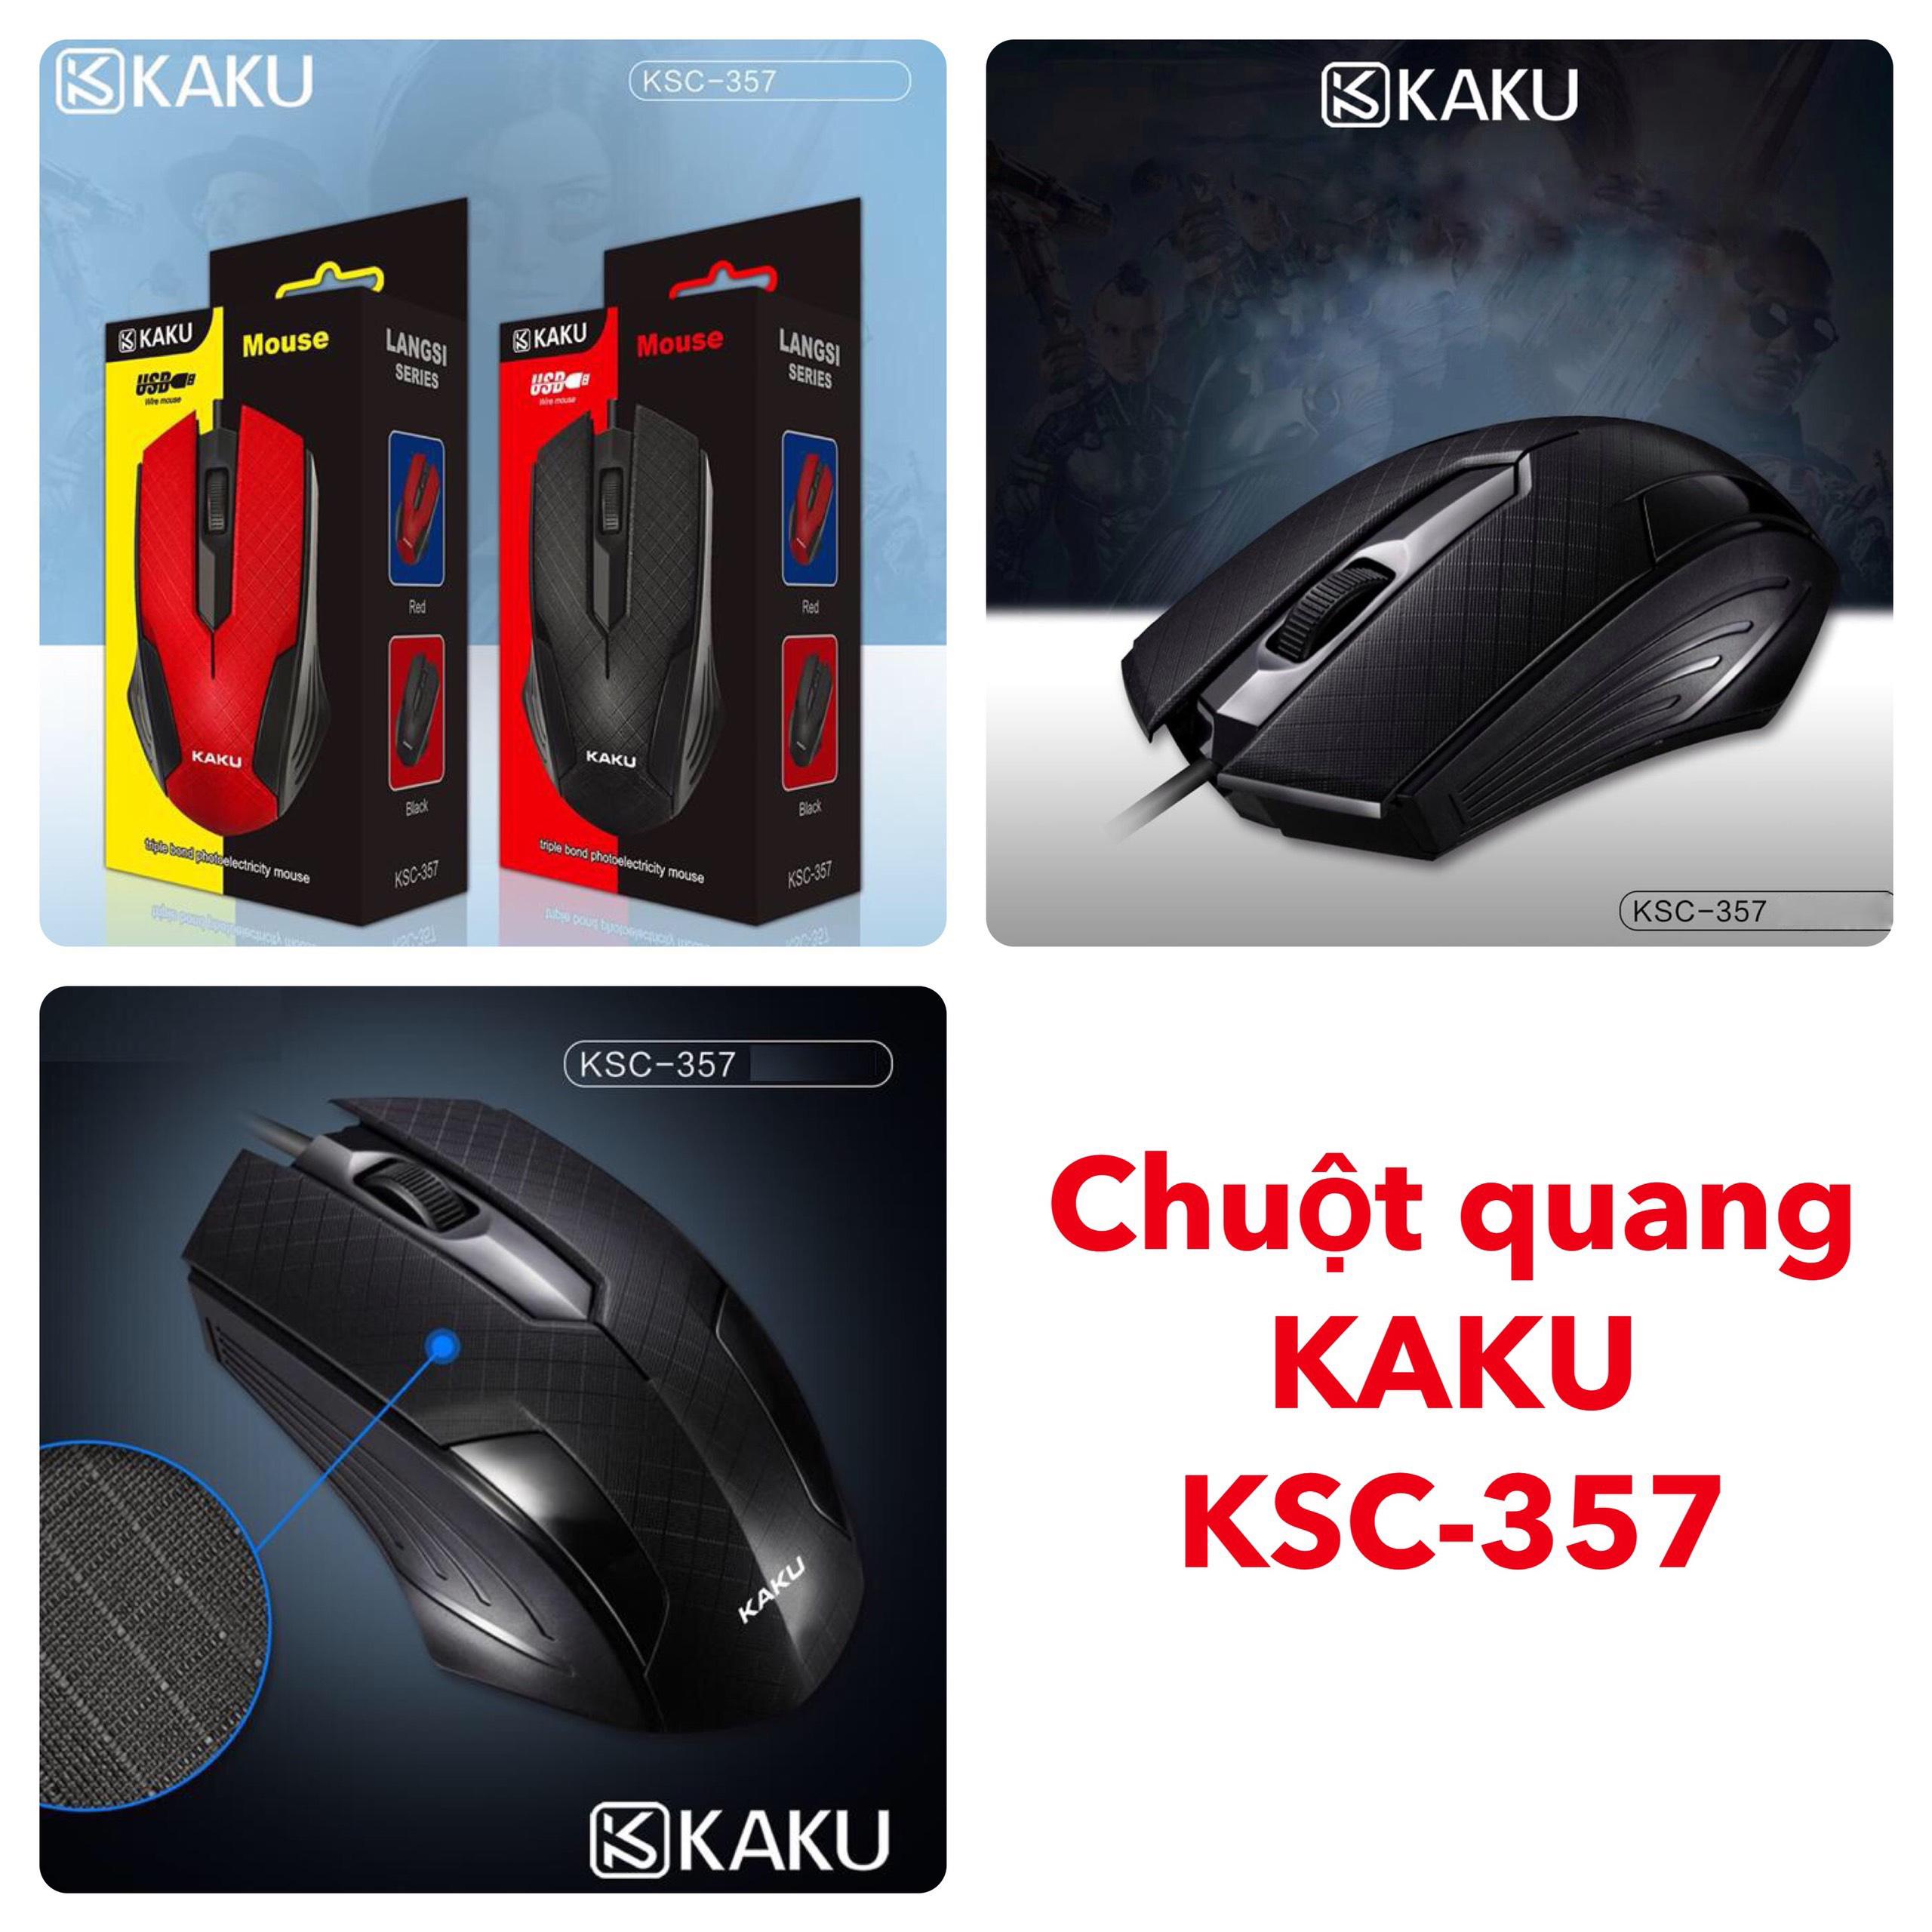 Chuột Quang KAKU KSC-357